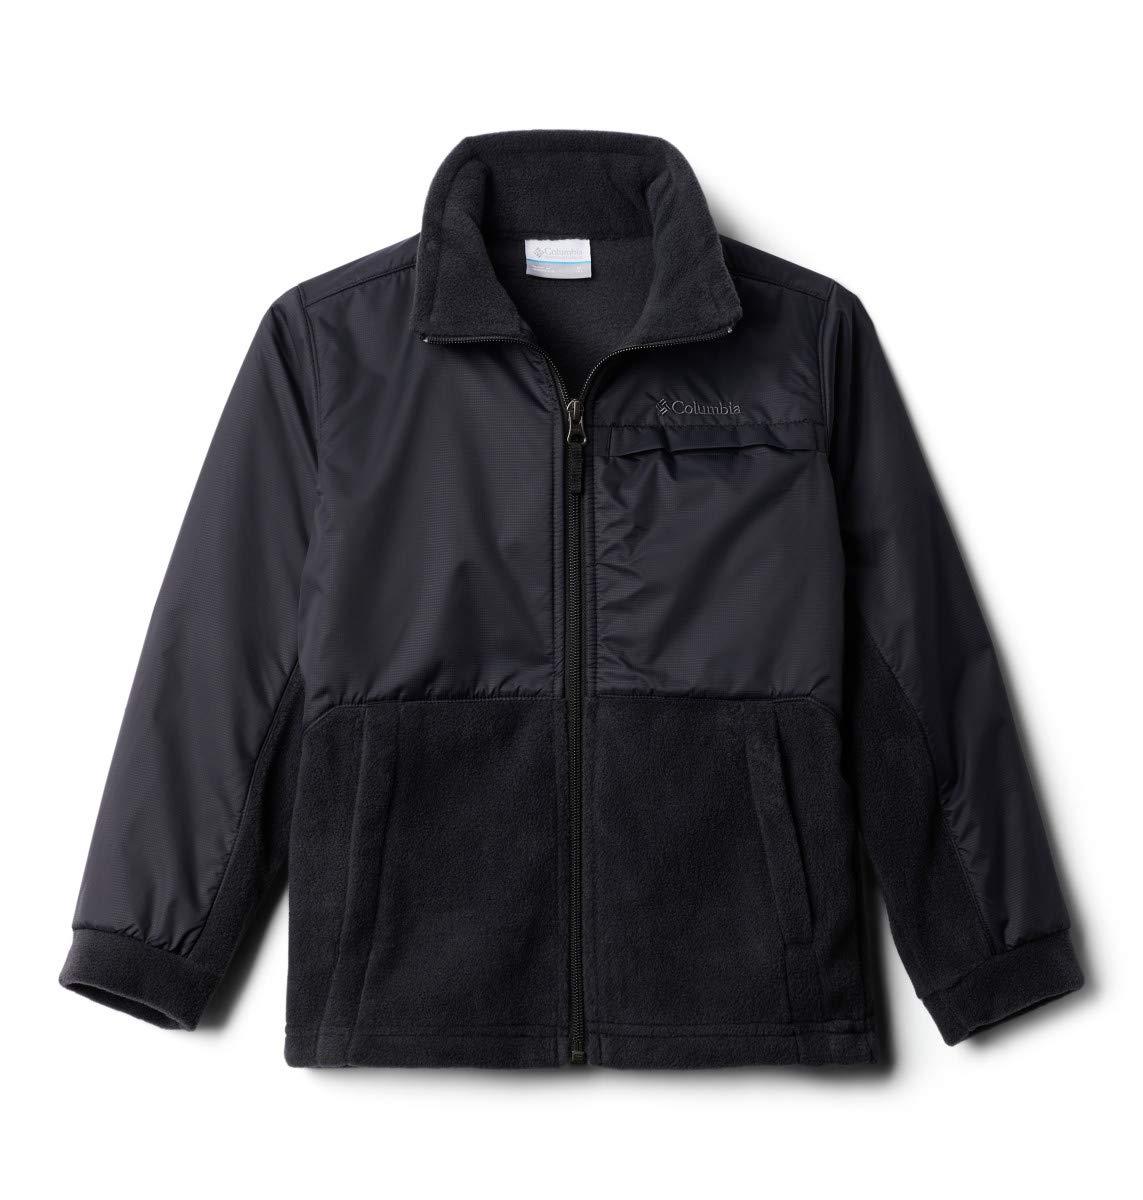 Columbia Big Boys' Steens MT Overlay Fleece Jacket, Black, Medium (10/12)